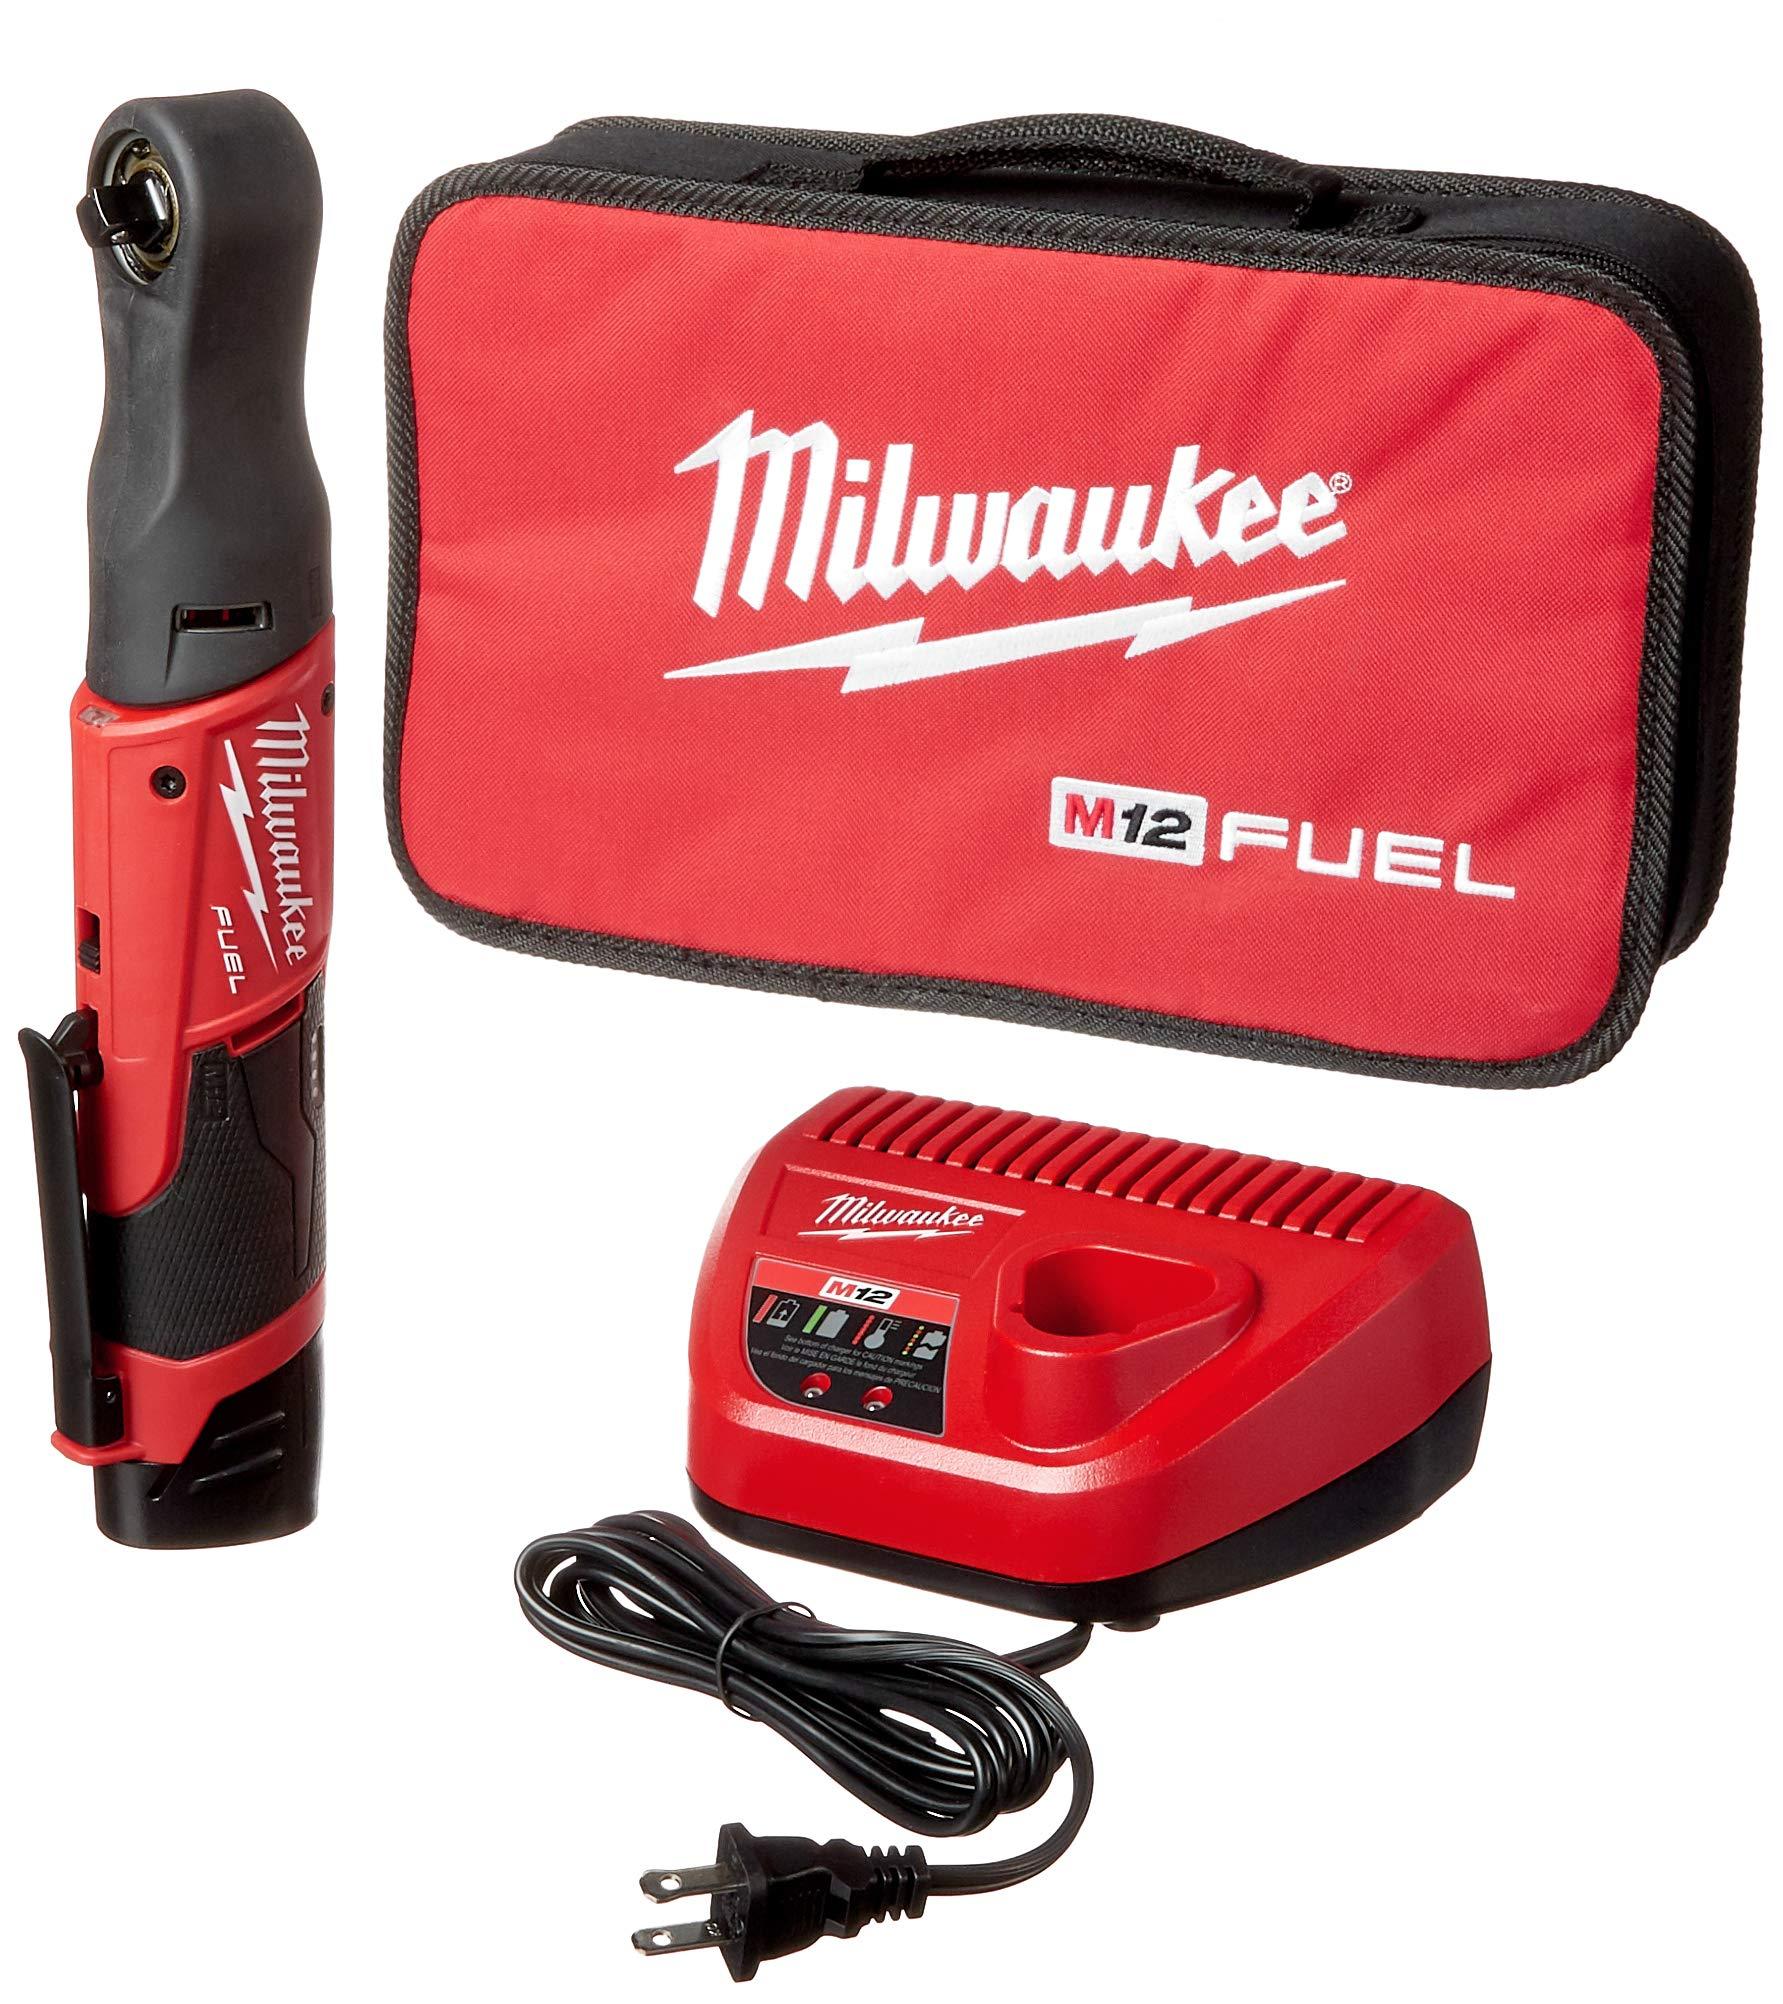 Milwaukee MLW255721 FUEL Ratchet Auto